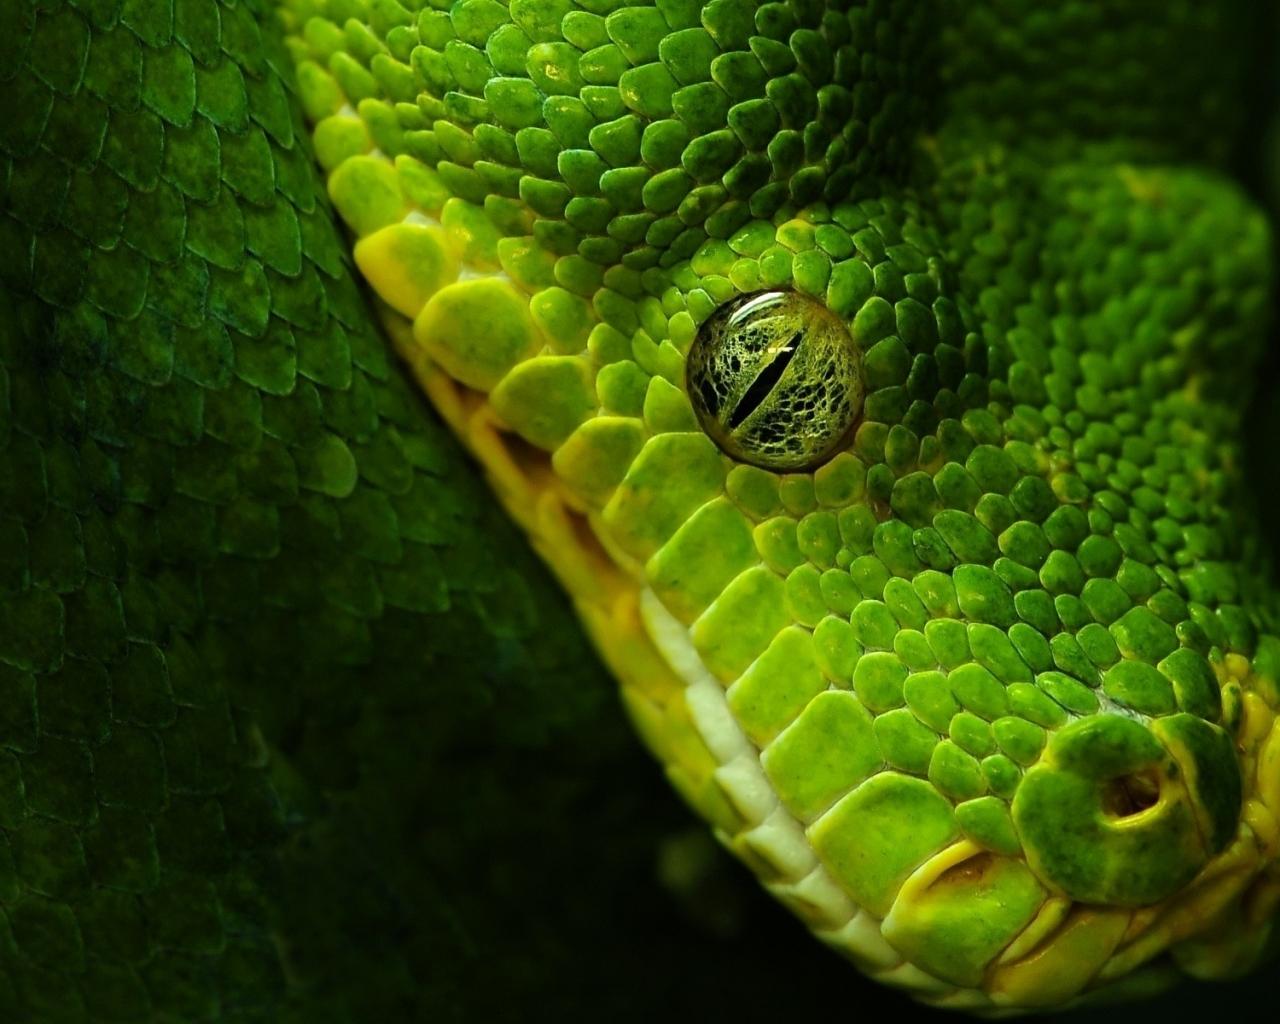 Cabeza de serpiente verde - 1280x1024